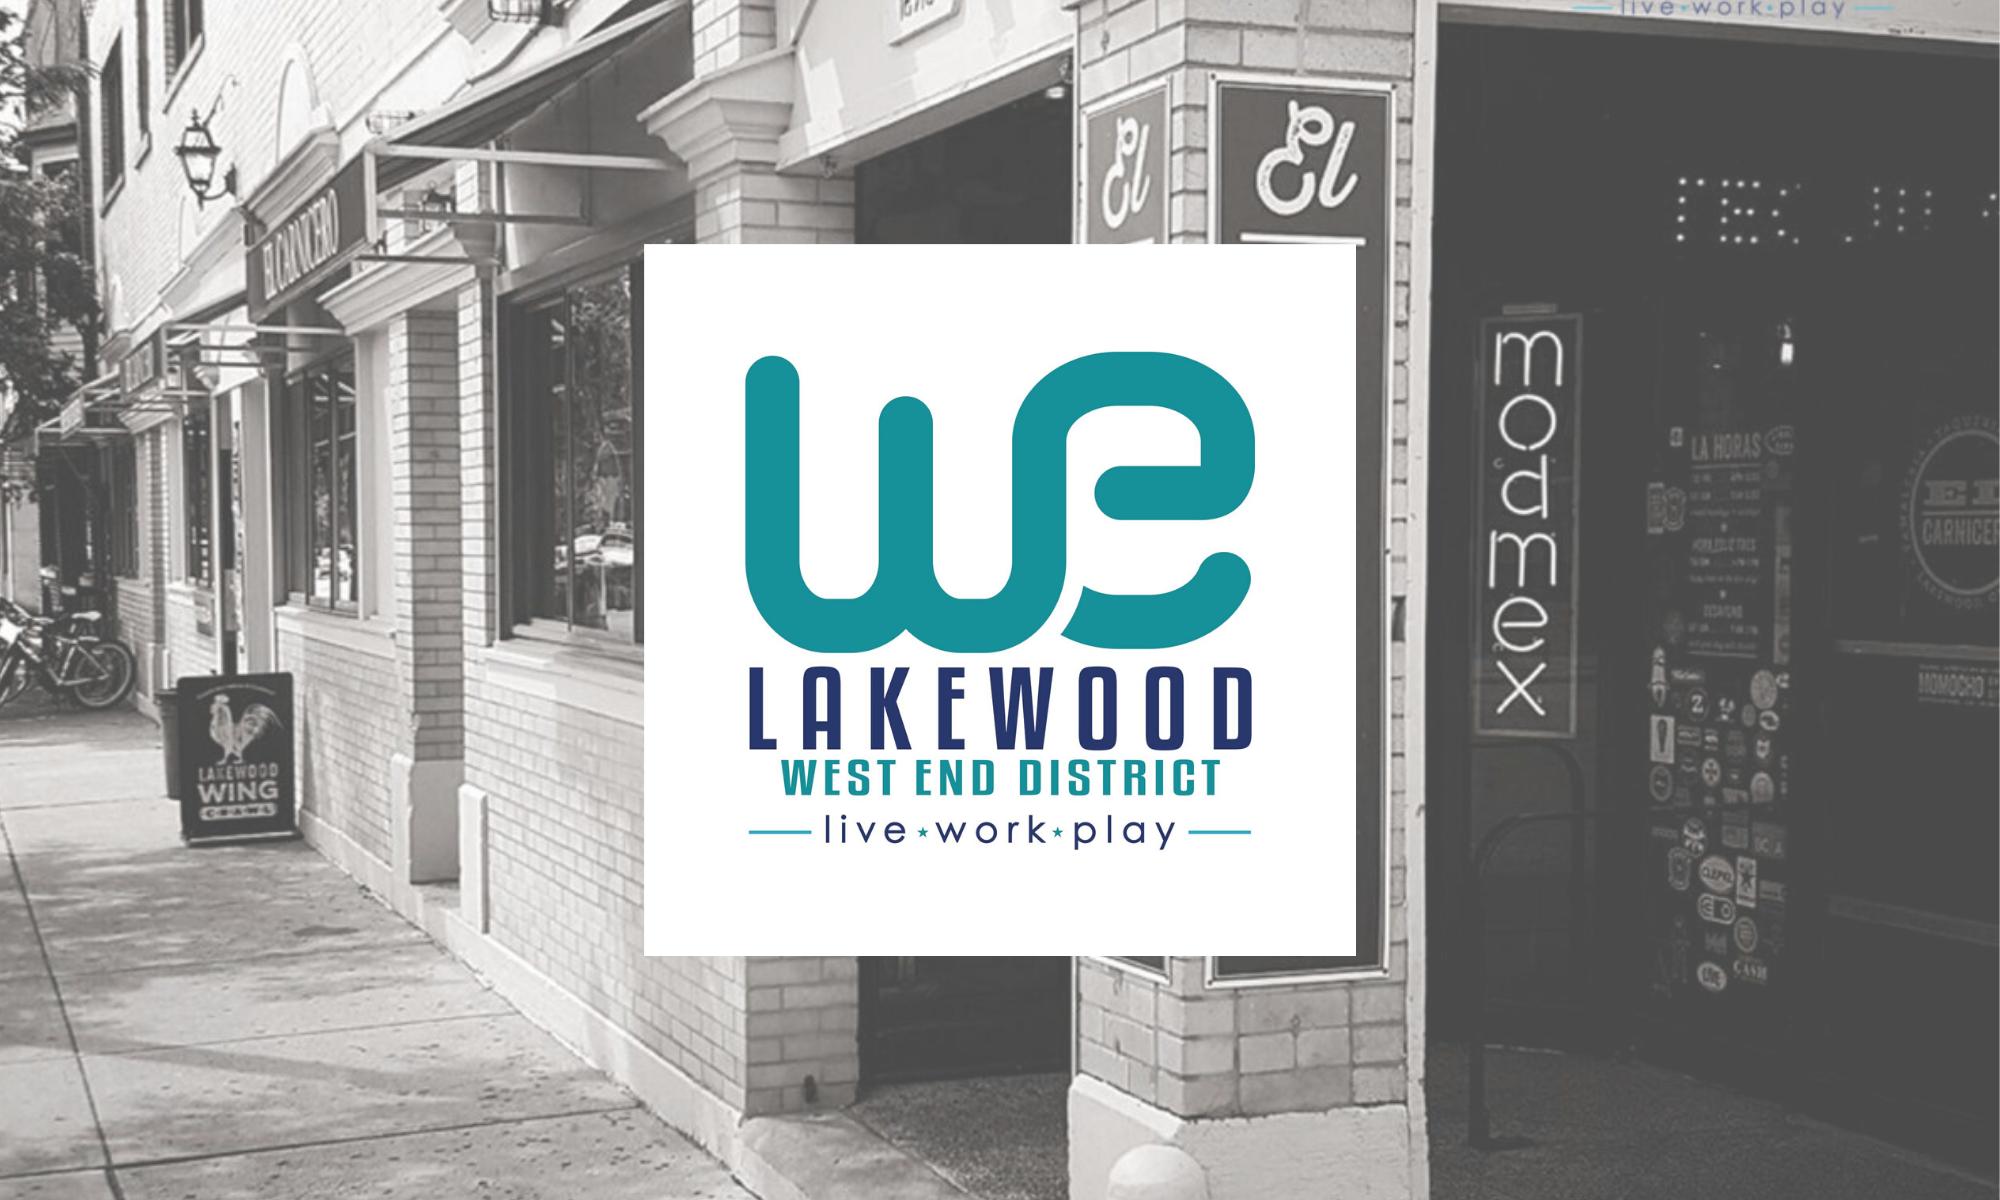 WE Lakewood